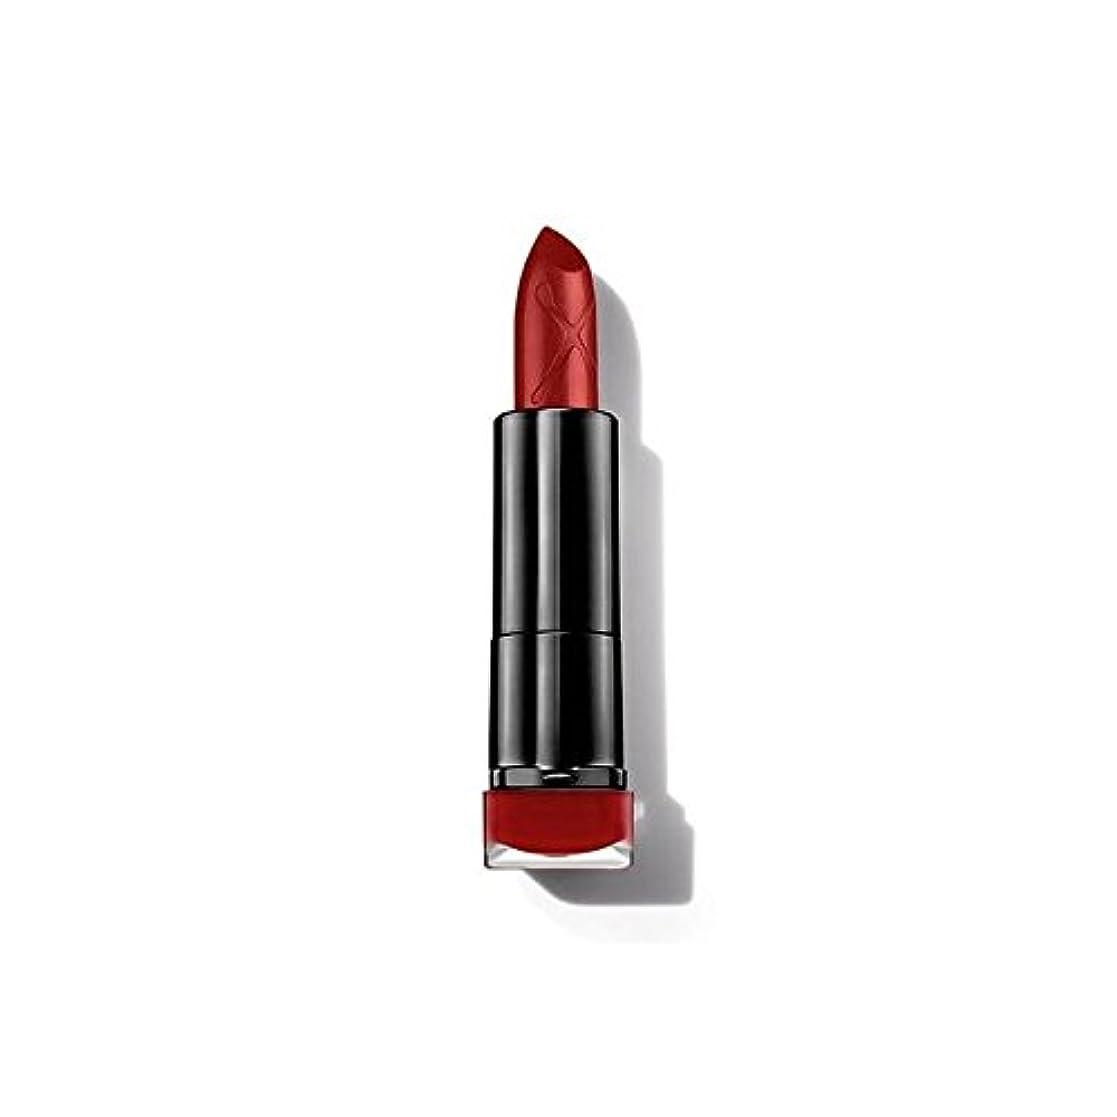 月面高層ビル空港マックスファクターカラーエリキシルマット弾丸口紅愛35 x2 - Max Factor Colour Elixir Matte Bullet Lipstick Love 35 (Pack of 2) [並行輸入品]